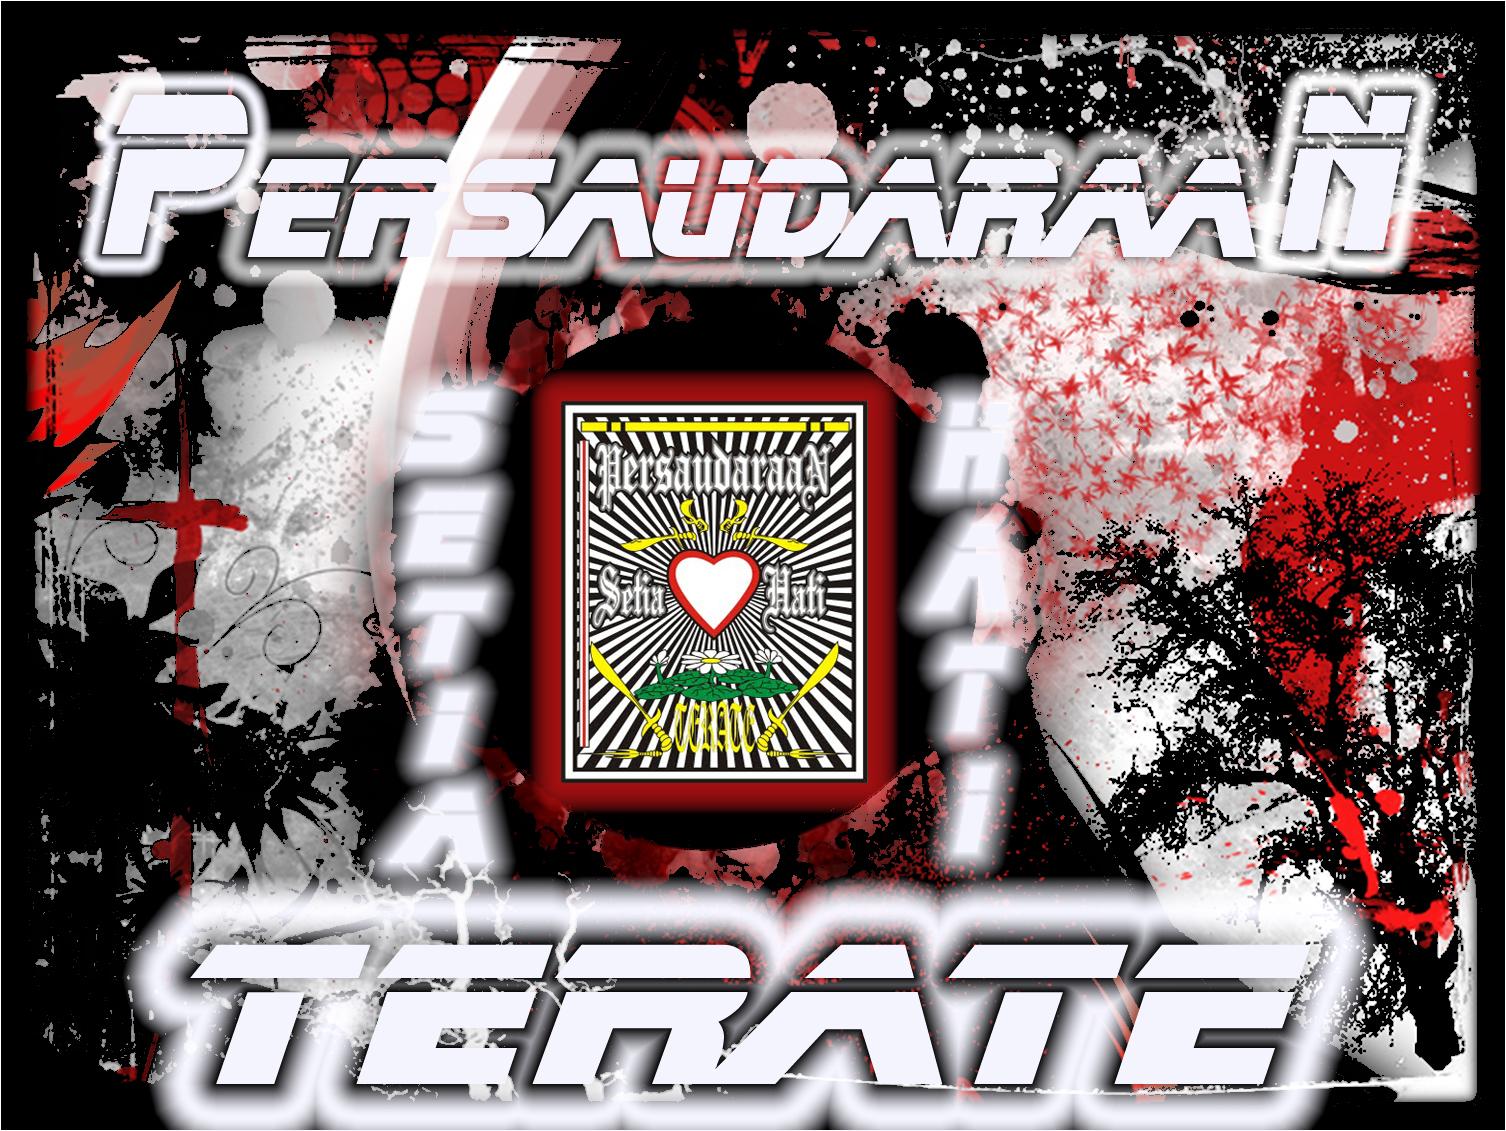 Downloads Wallpaper Sh Terate Forum Pencak Silat Psht Gambar Logo